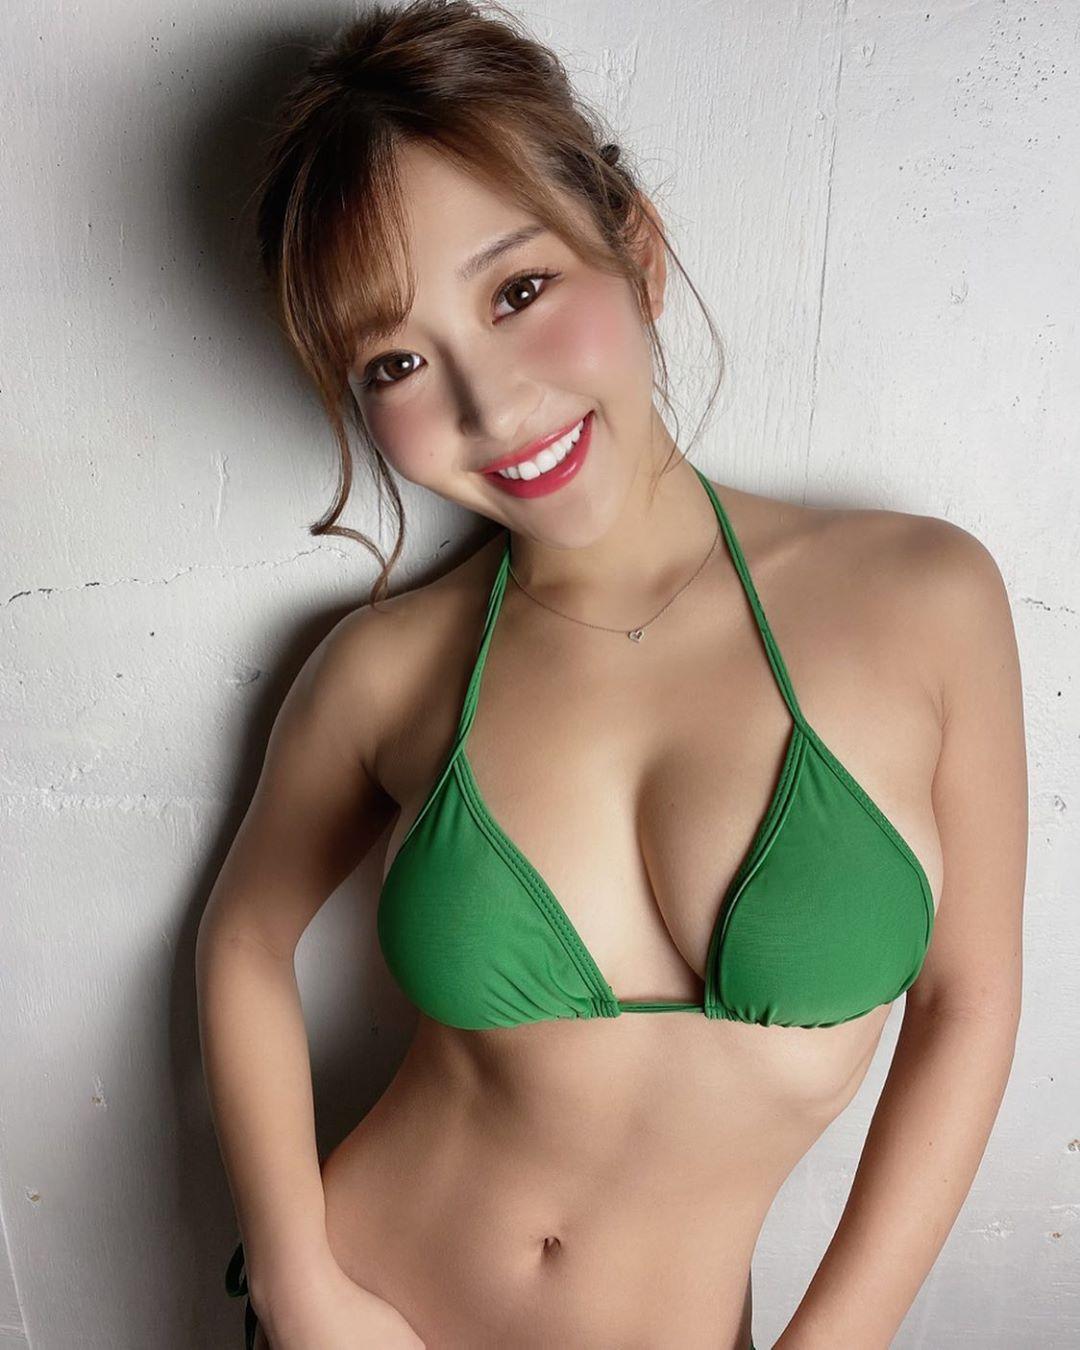 ishihara_yuriko130.jpg